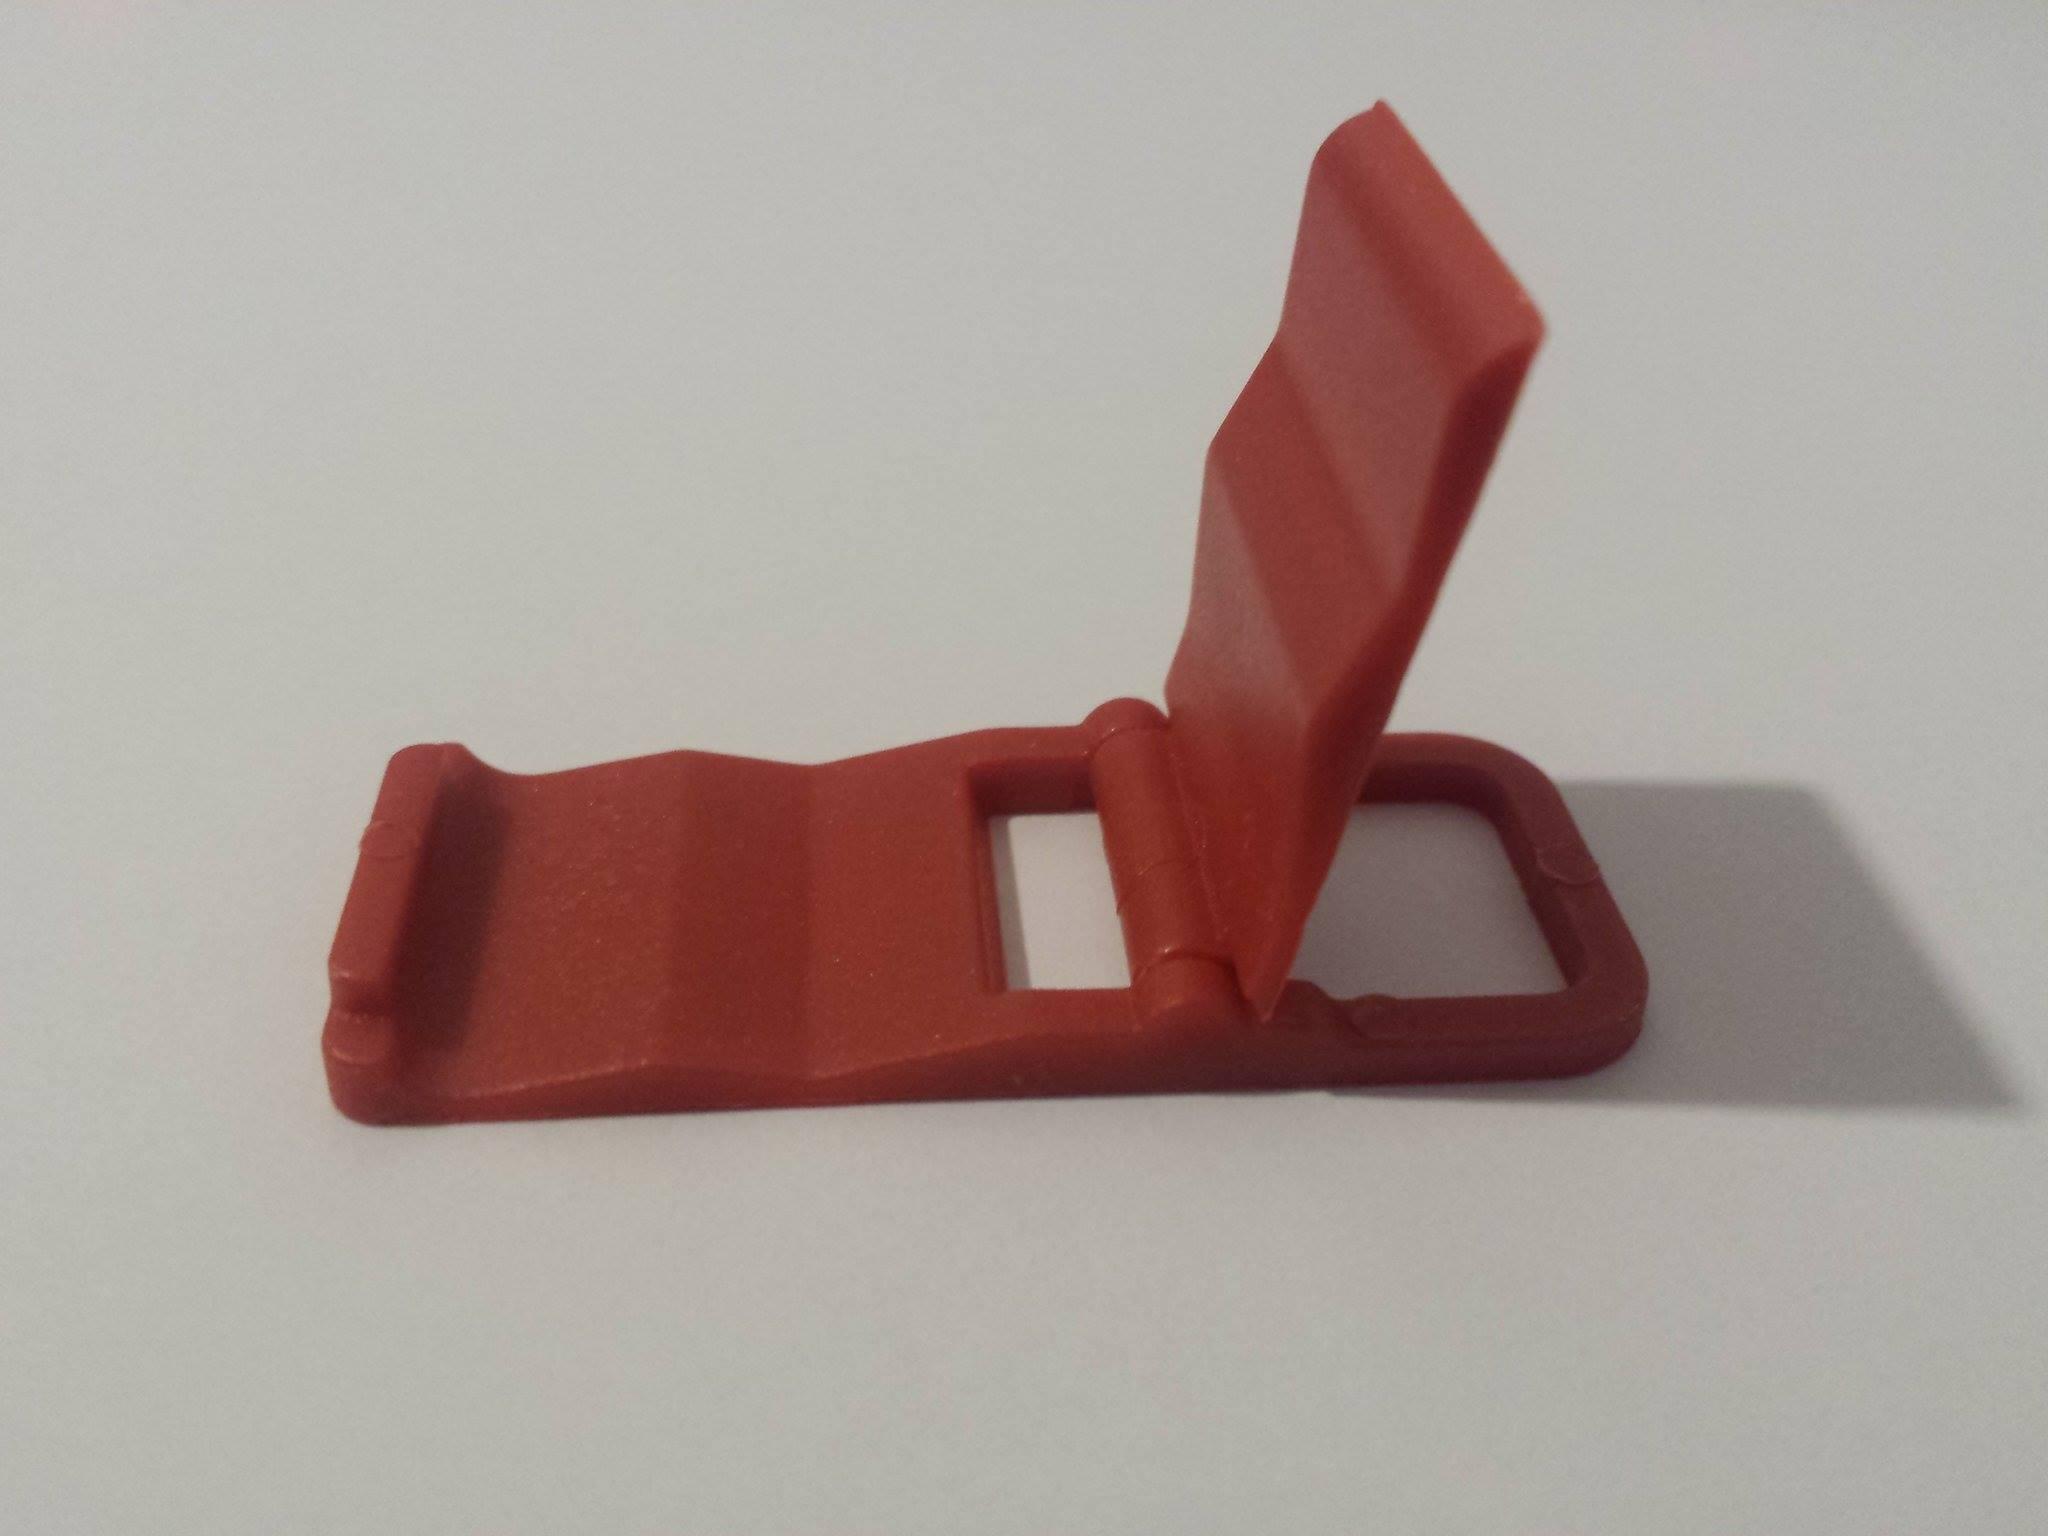 Kompaktní stojánek COOLCASE na mobilní telefon - červený (Barevný stojánek na mobil)